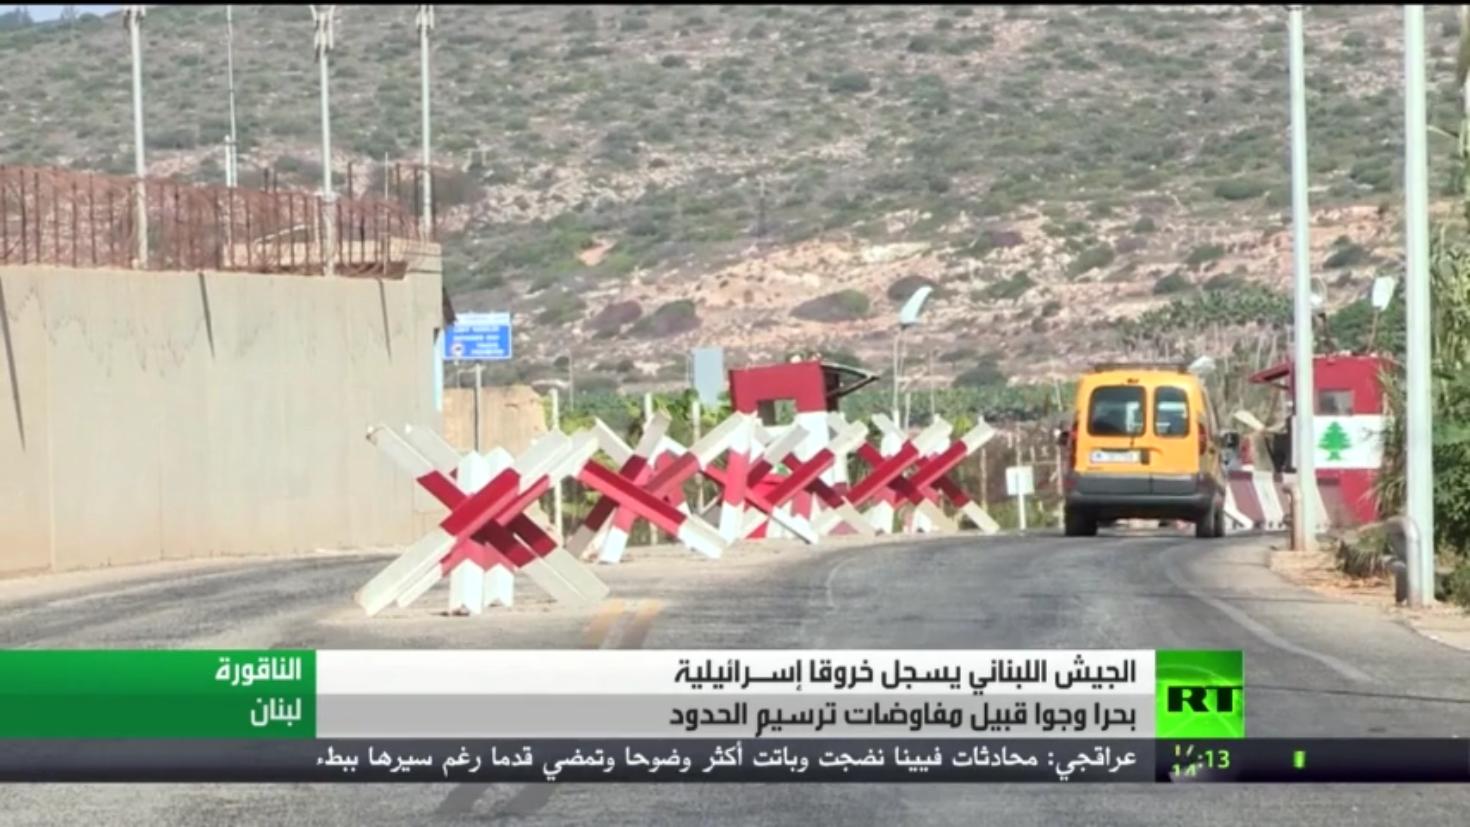 الجيش اللبناني: تواصل خروق إسرائيل بحرا وجوا